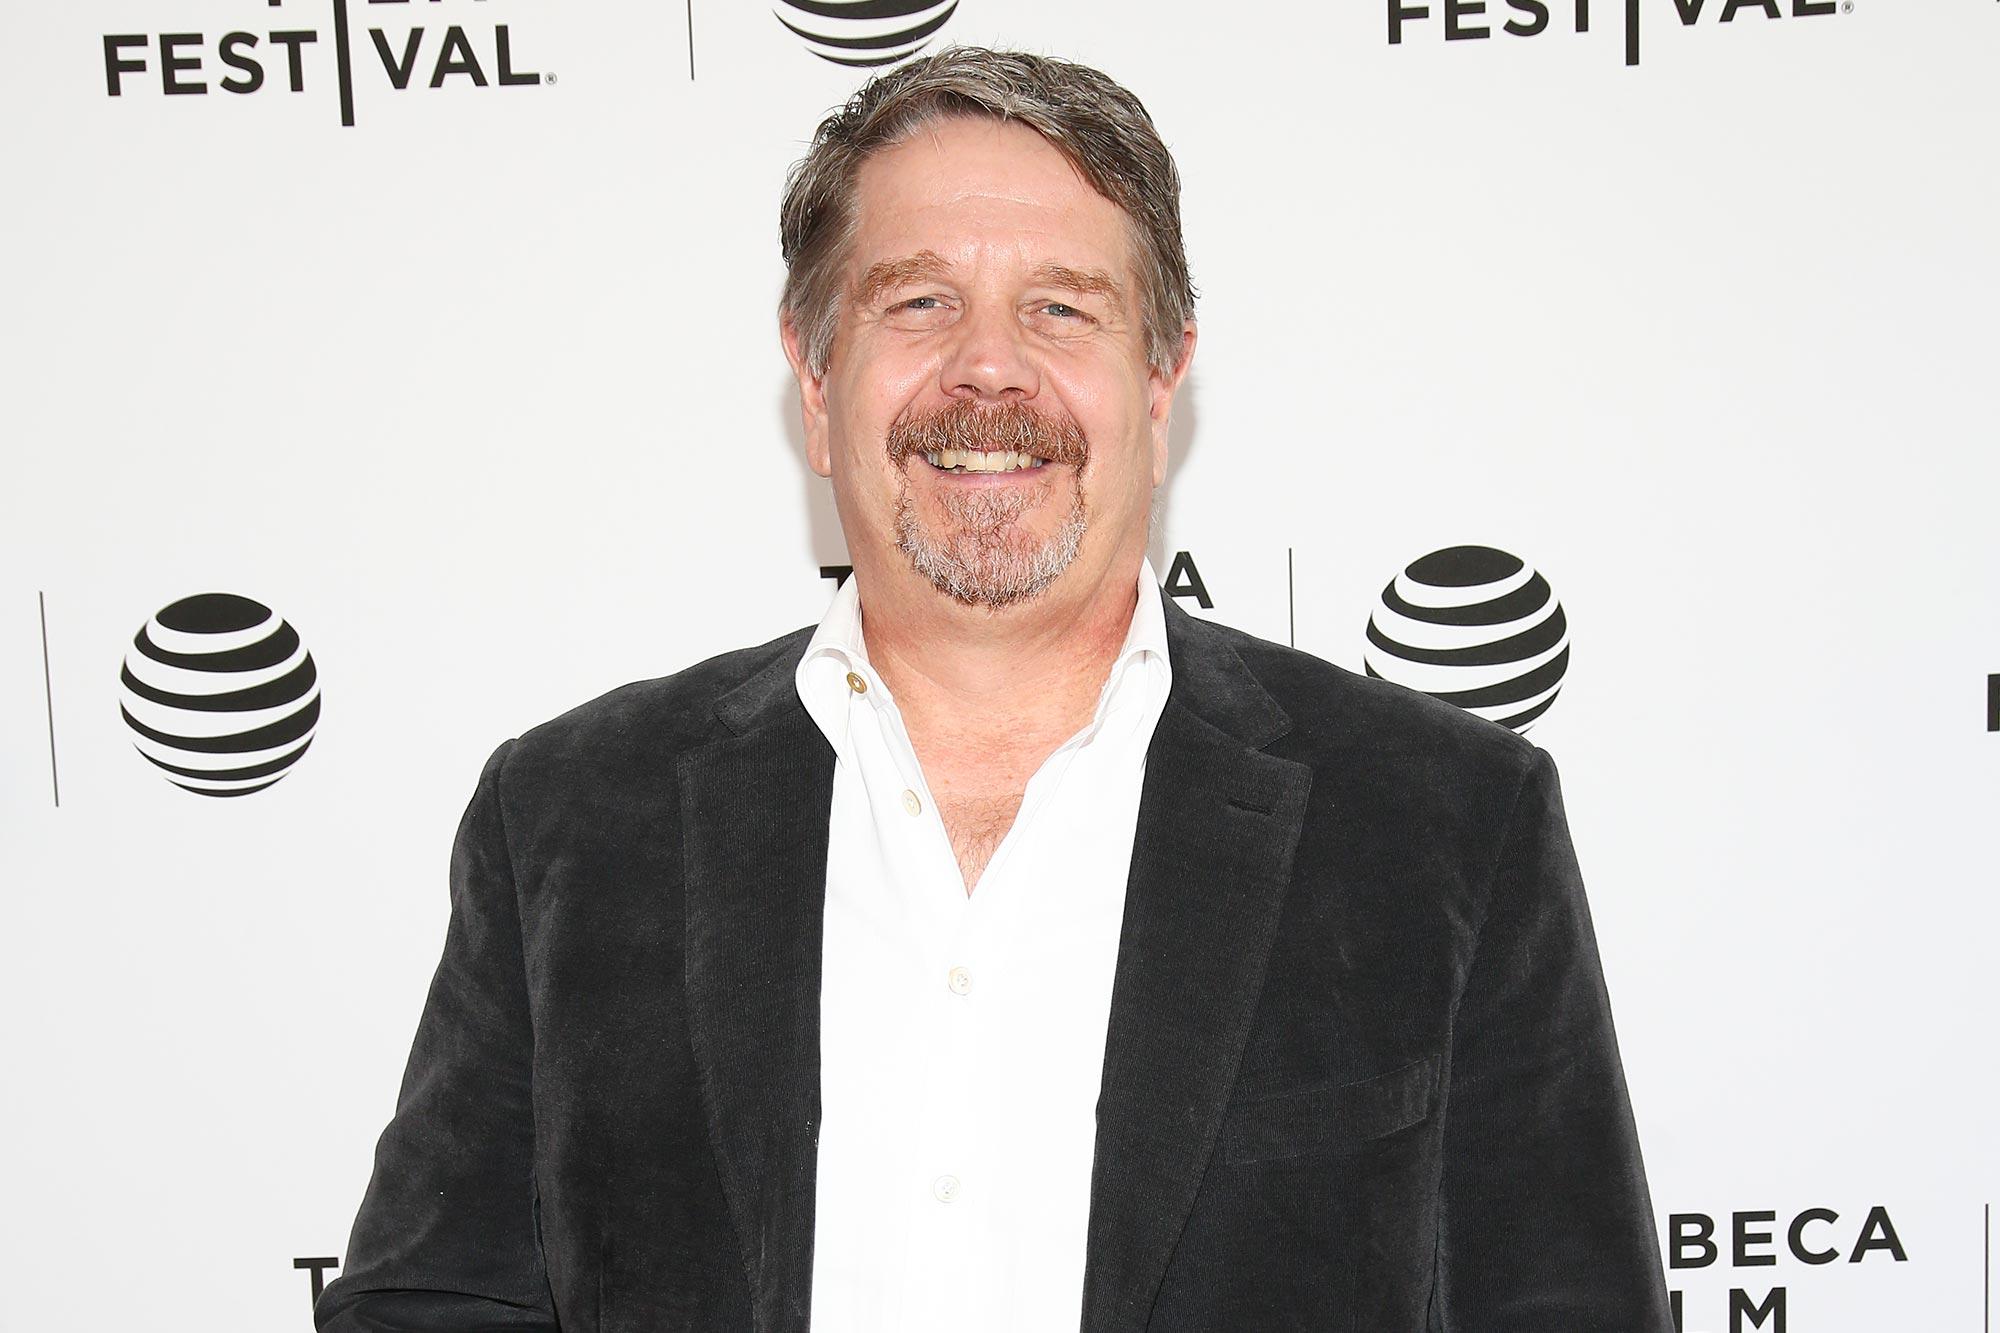 Executive Producer John Wells